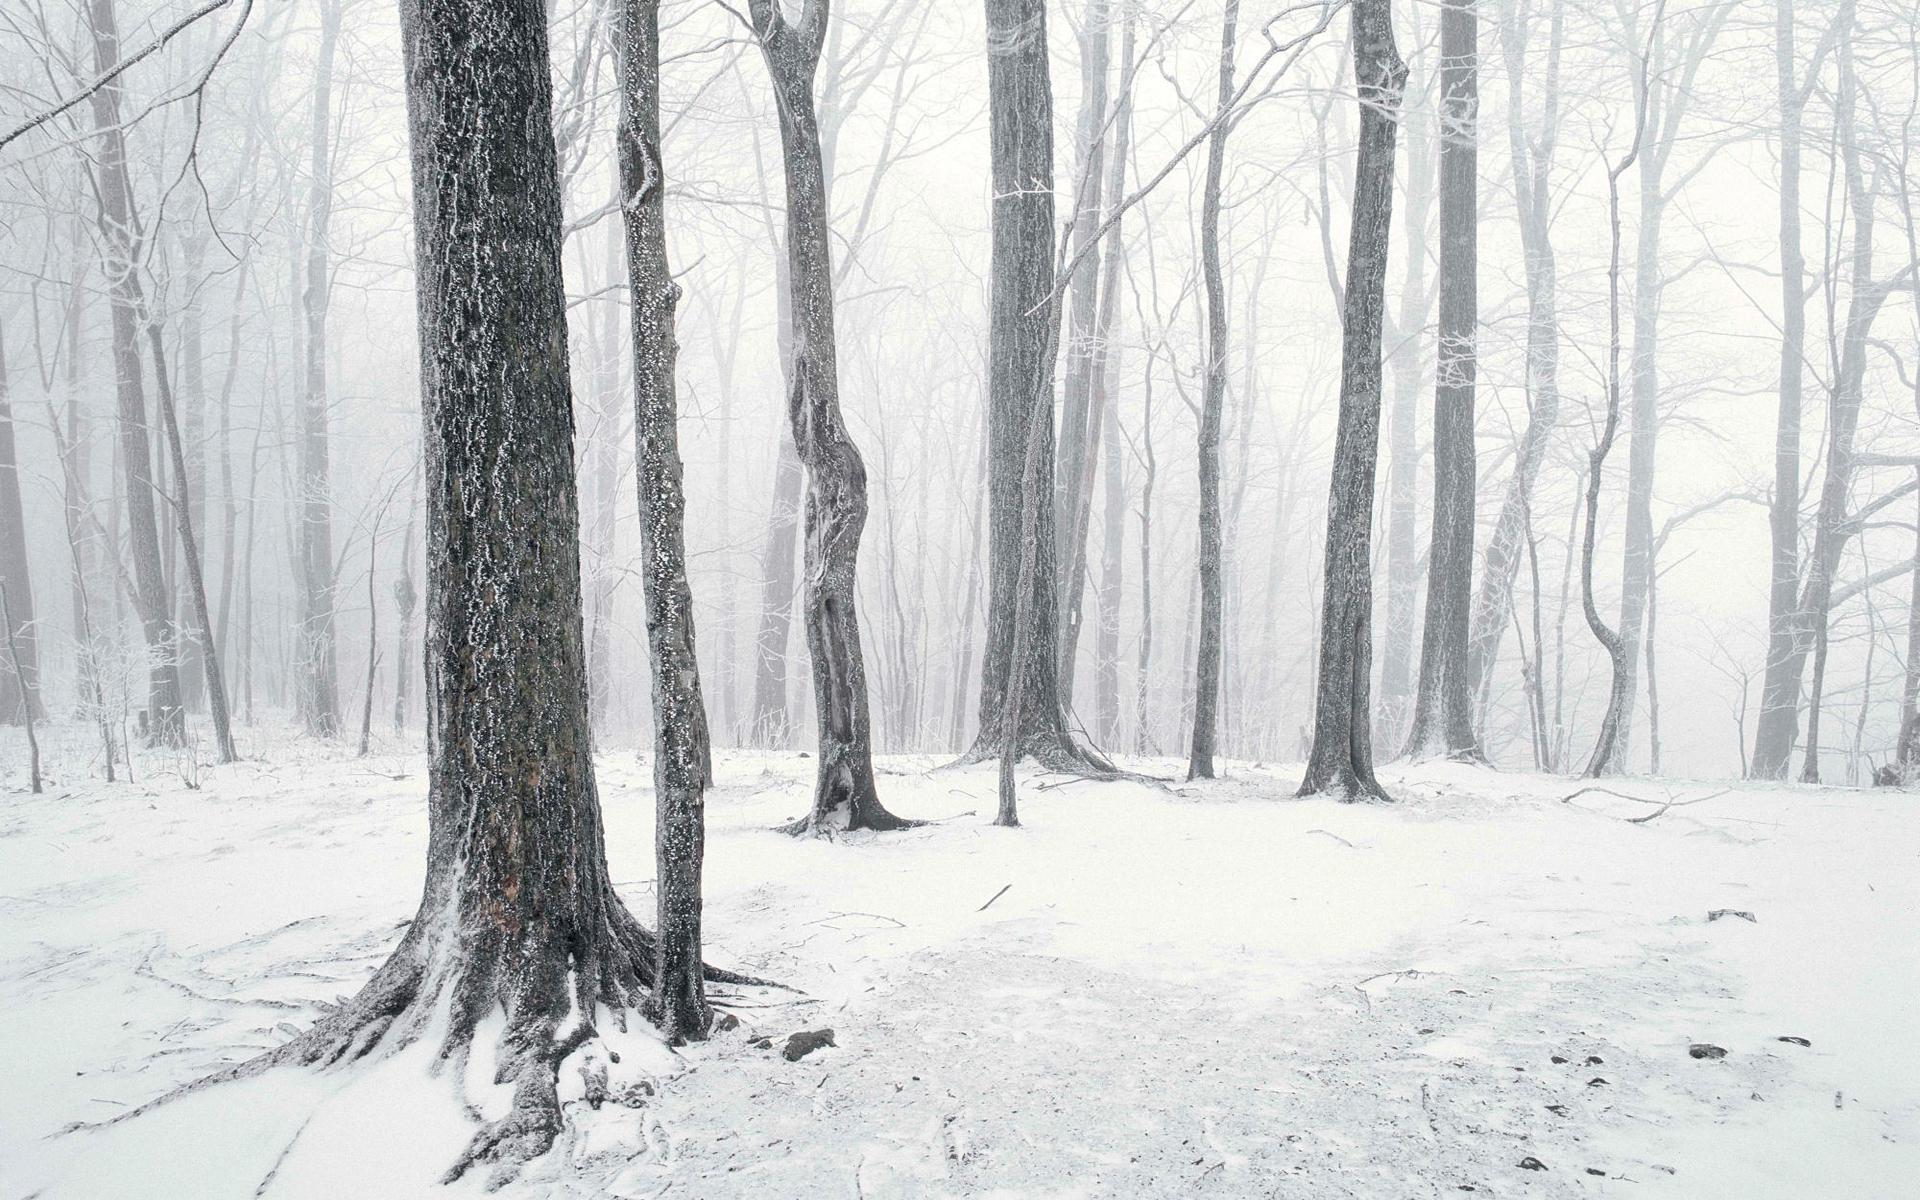 снежные деревья скачать